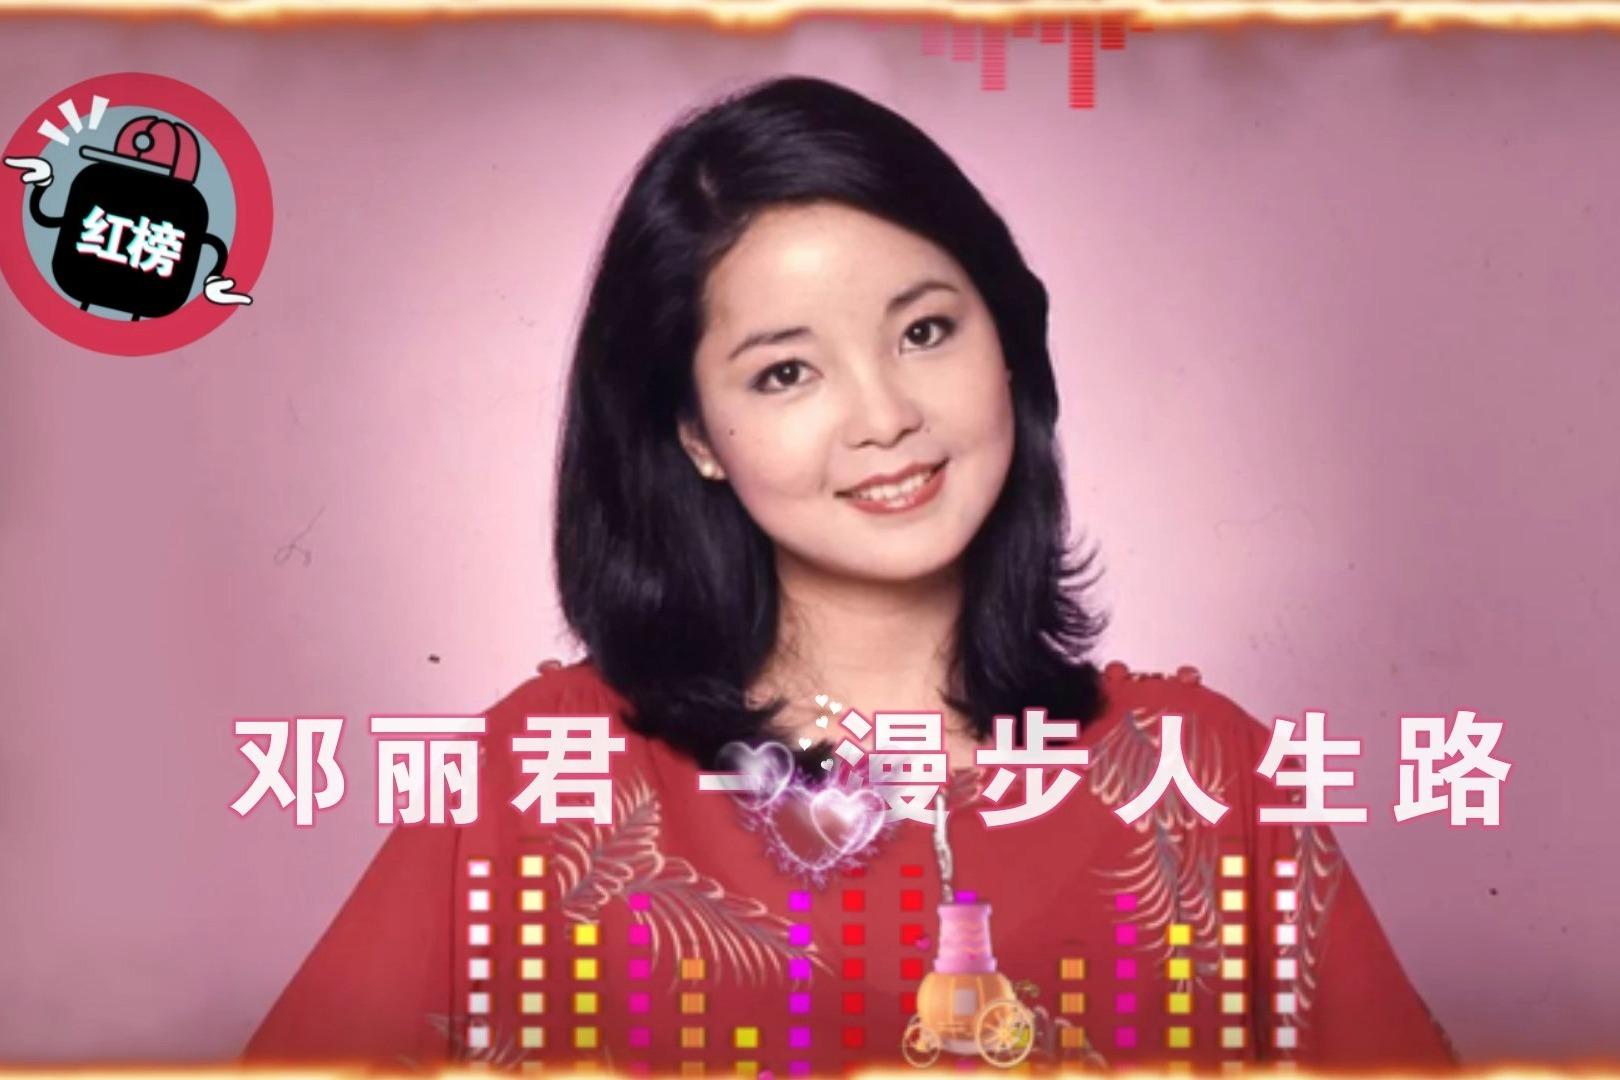 邓丽君经典神曲《漫步人生路》甜美大气,尽显天后魅力!